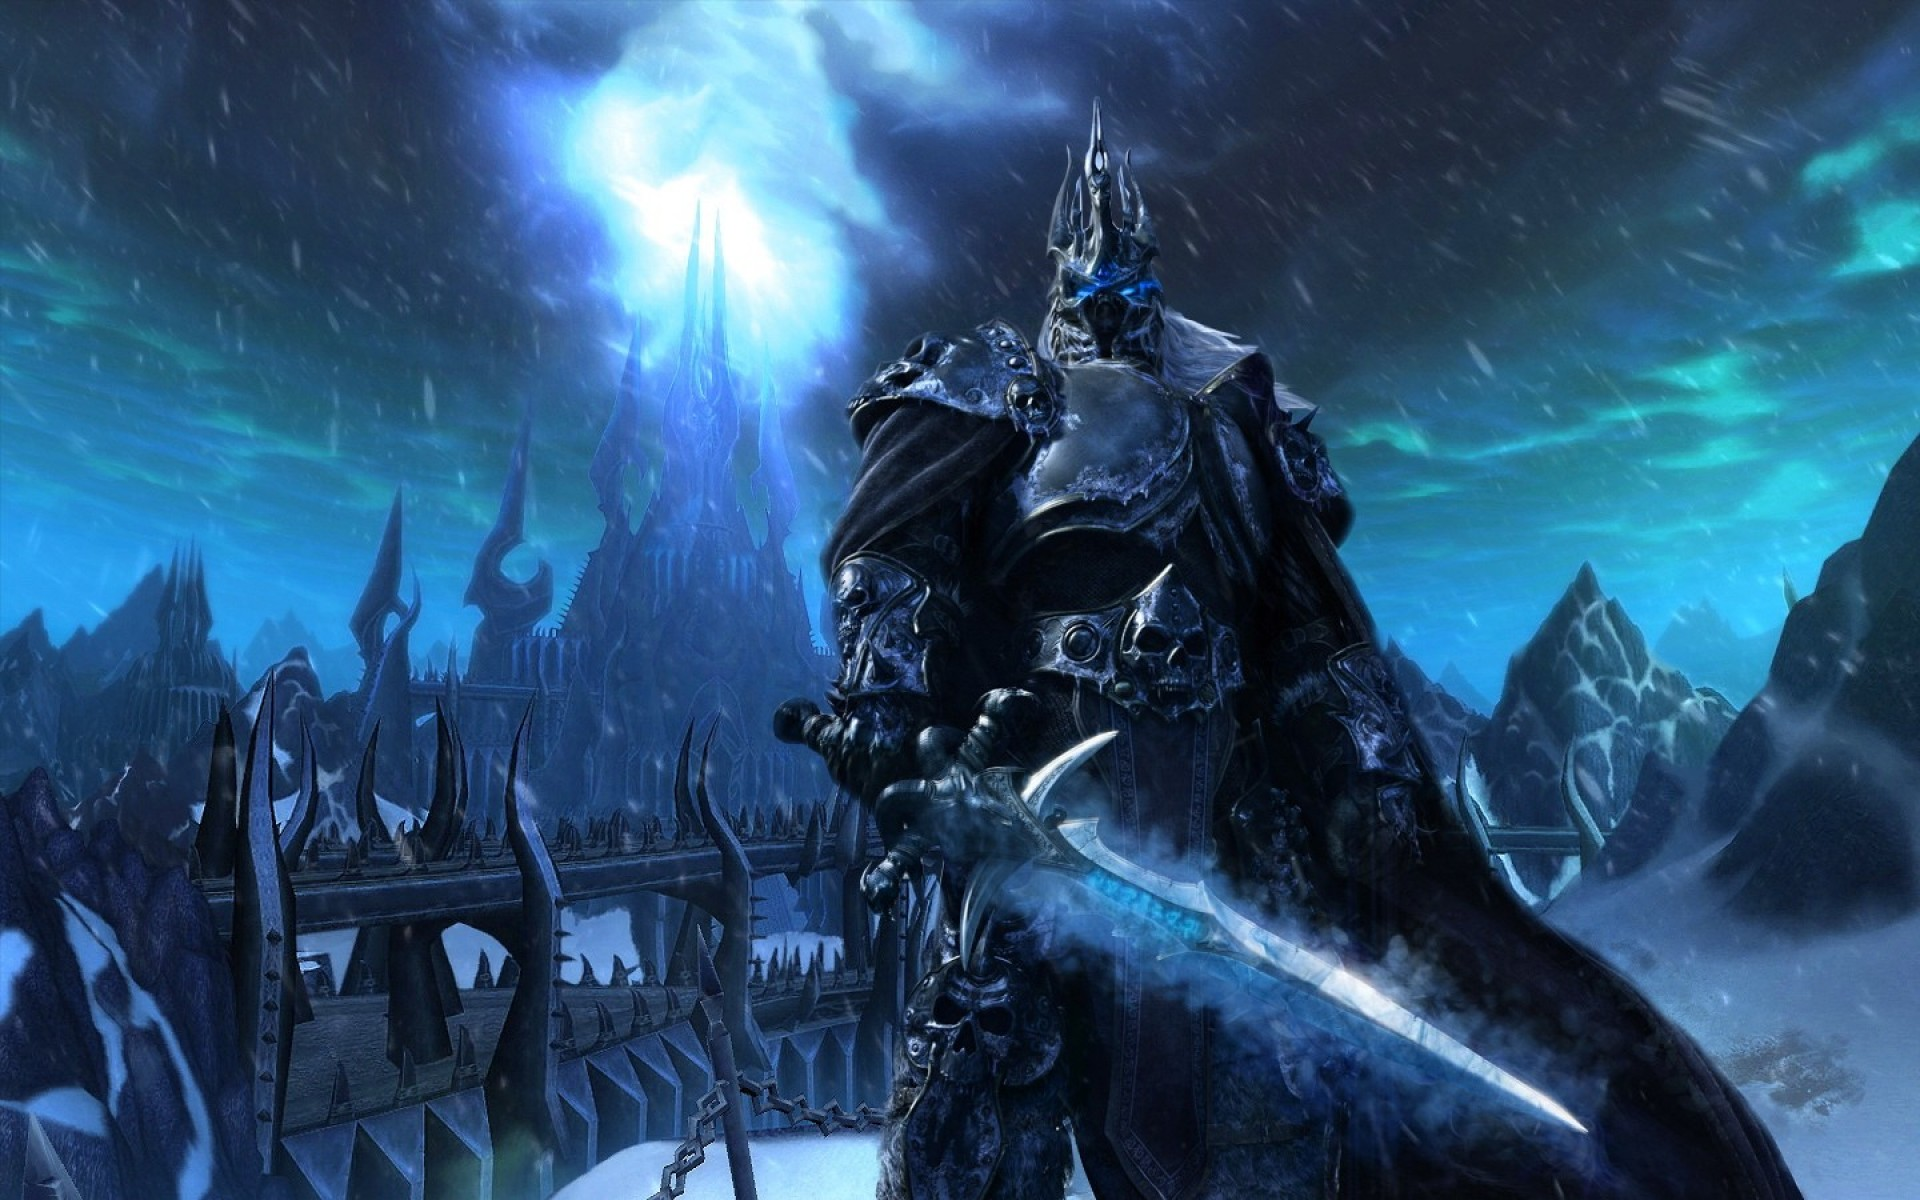 Фанат World of Warcraft сделал трейлеры игры в 4К разрешении